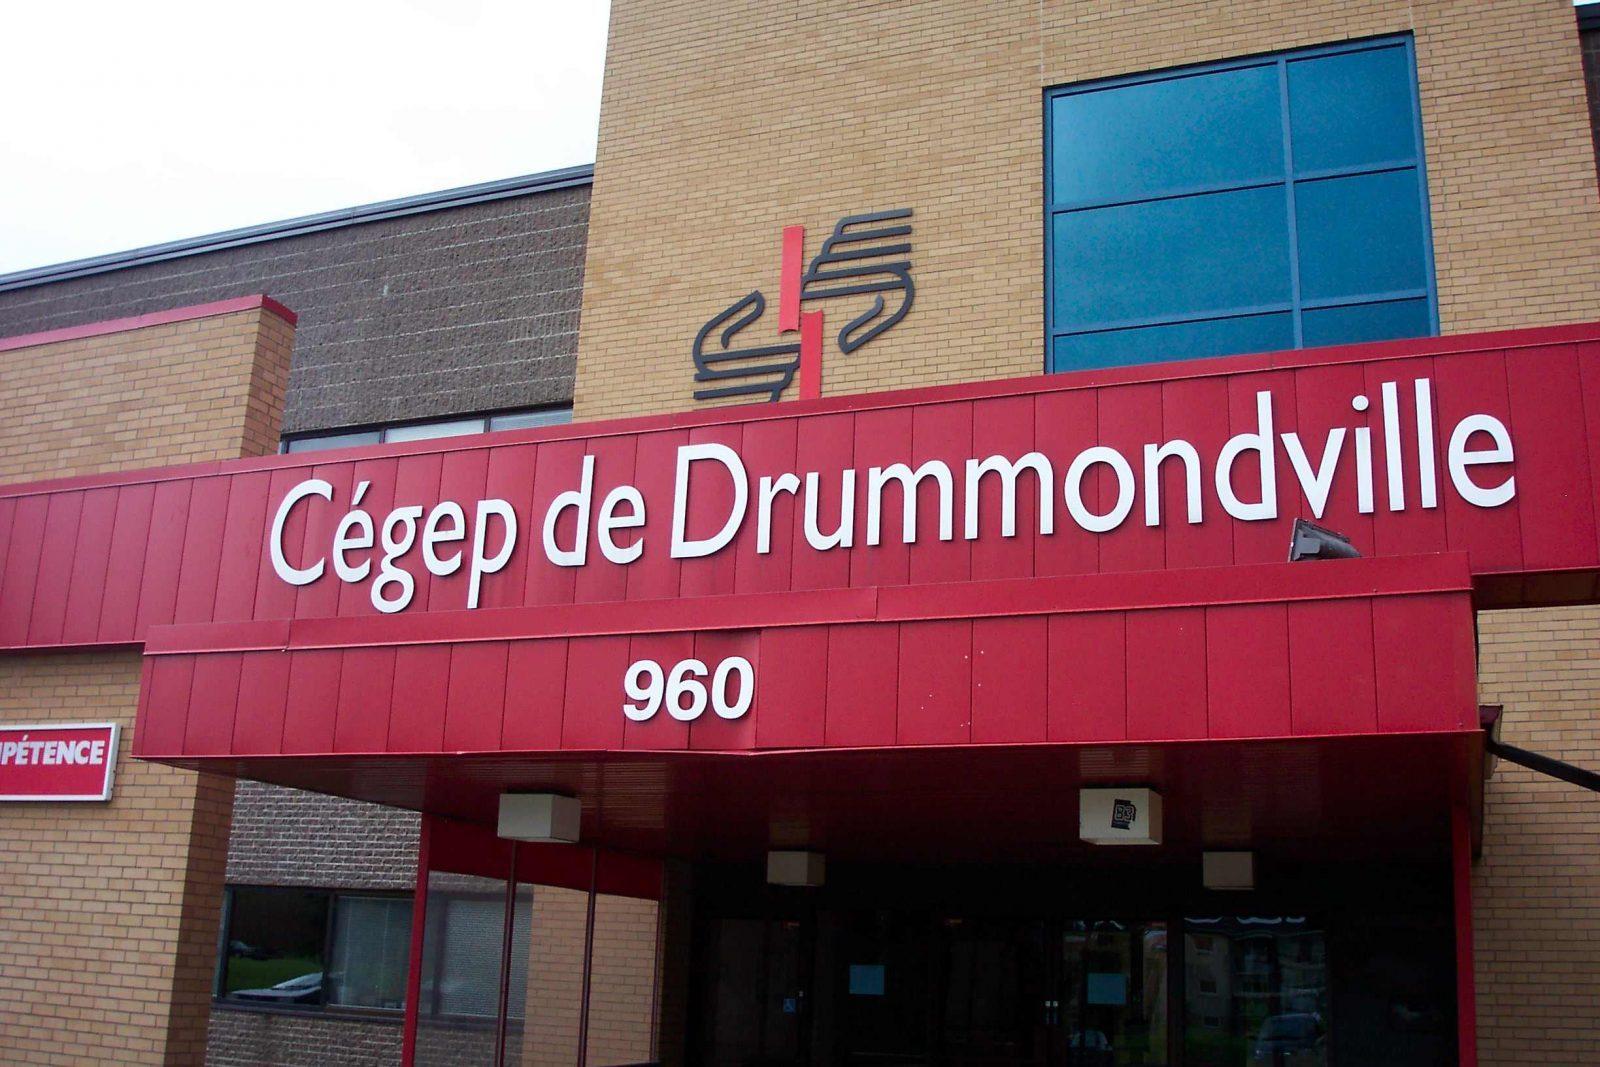 Les cours reprendront le 6 avril au Cégep de Drummondville